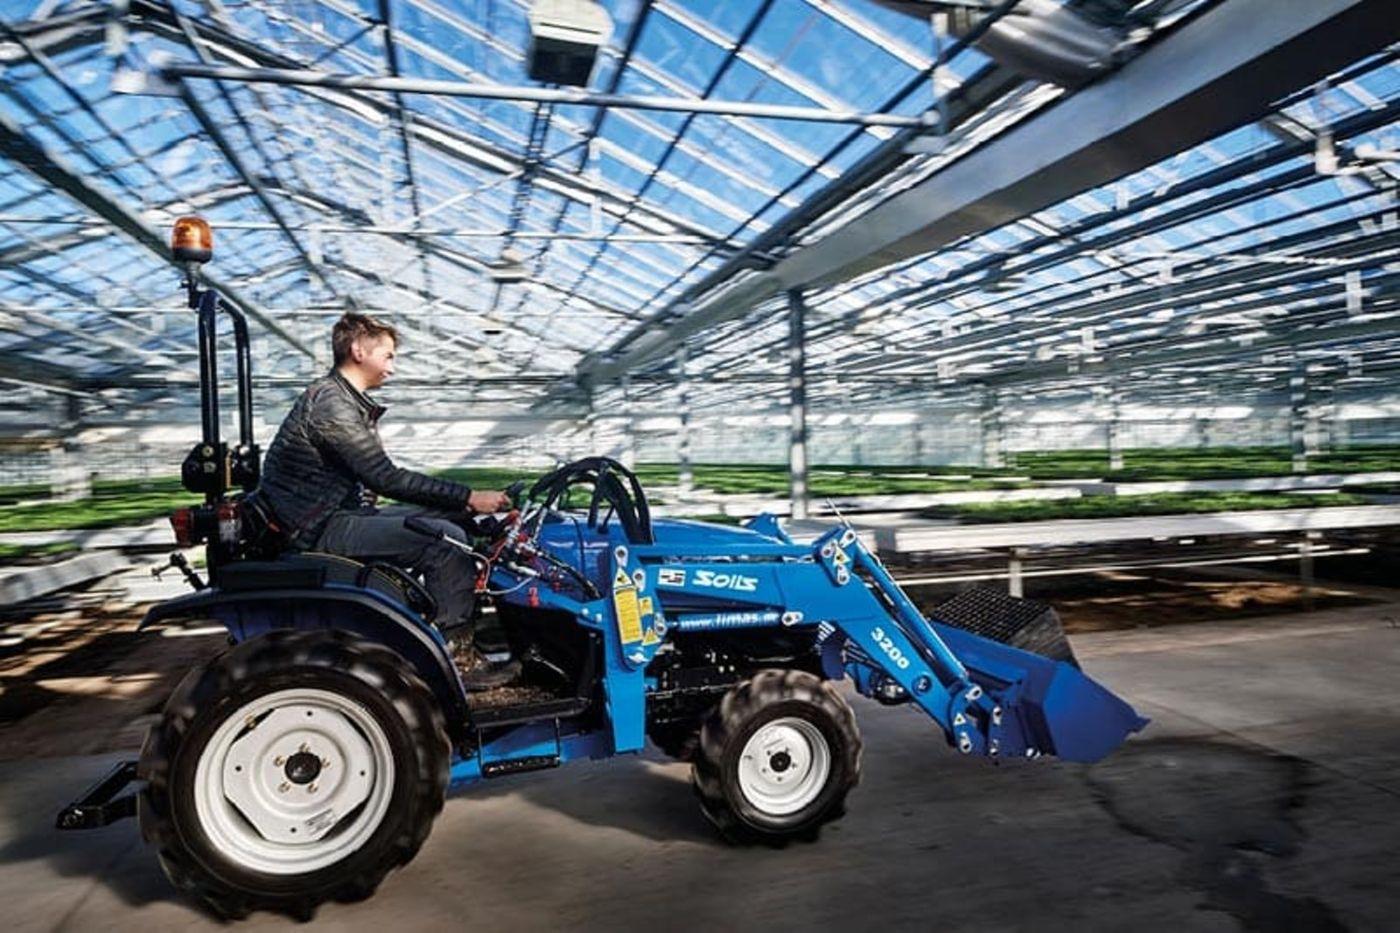 Deutschland traktoren autoscout24 Landmaschinen gebraucht